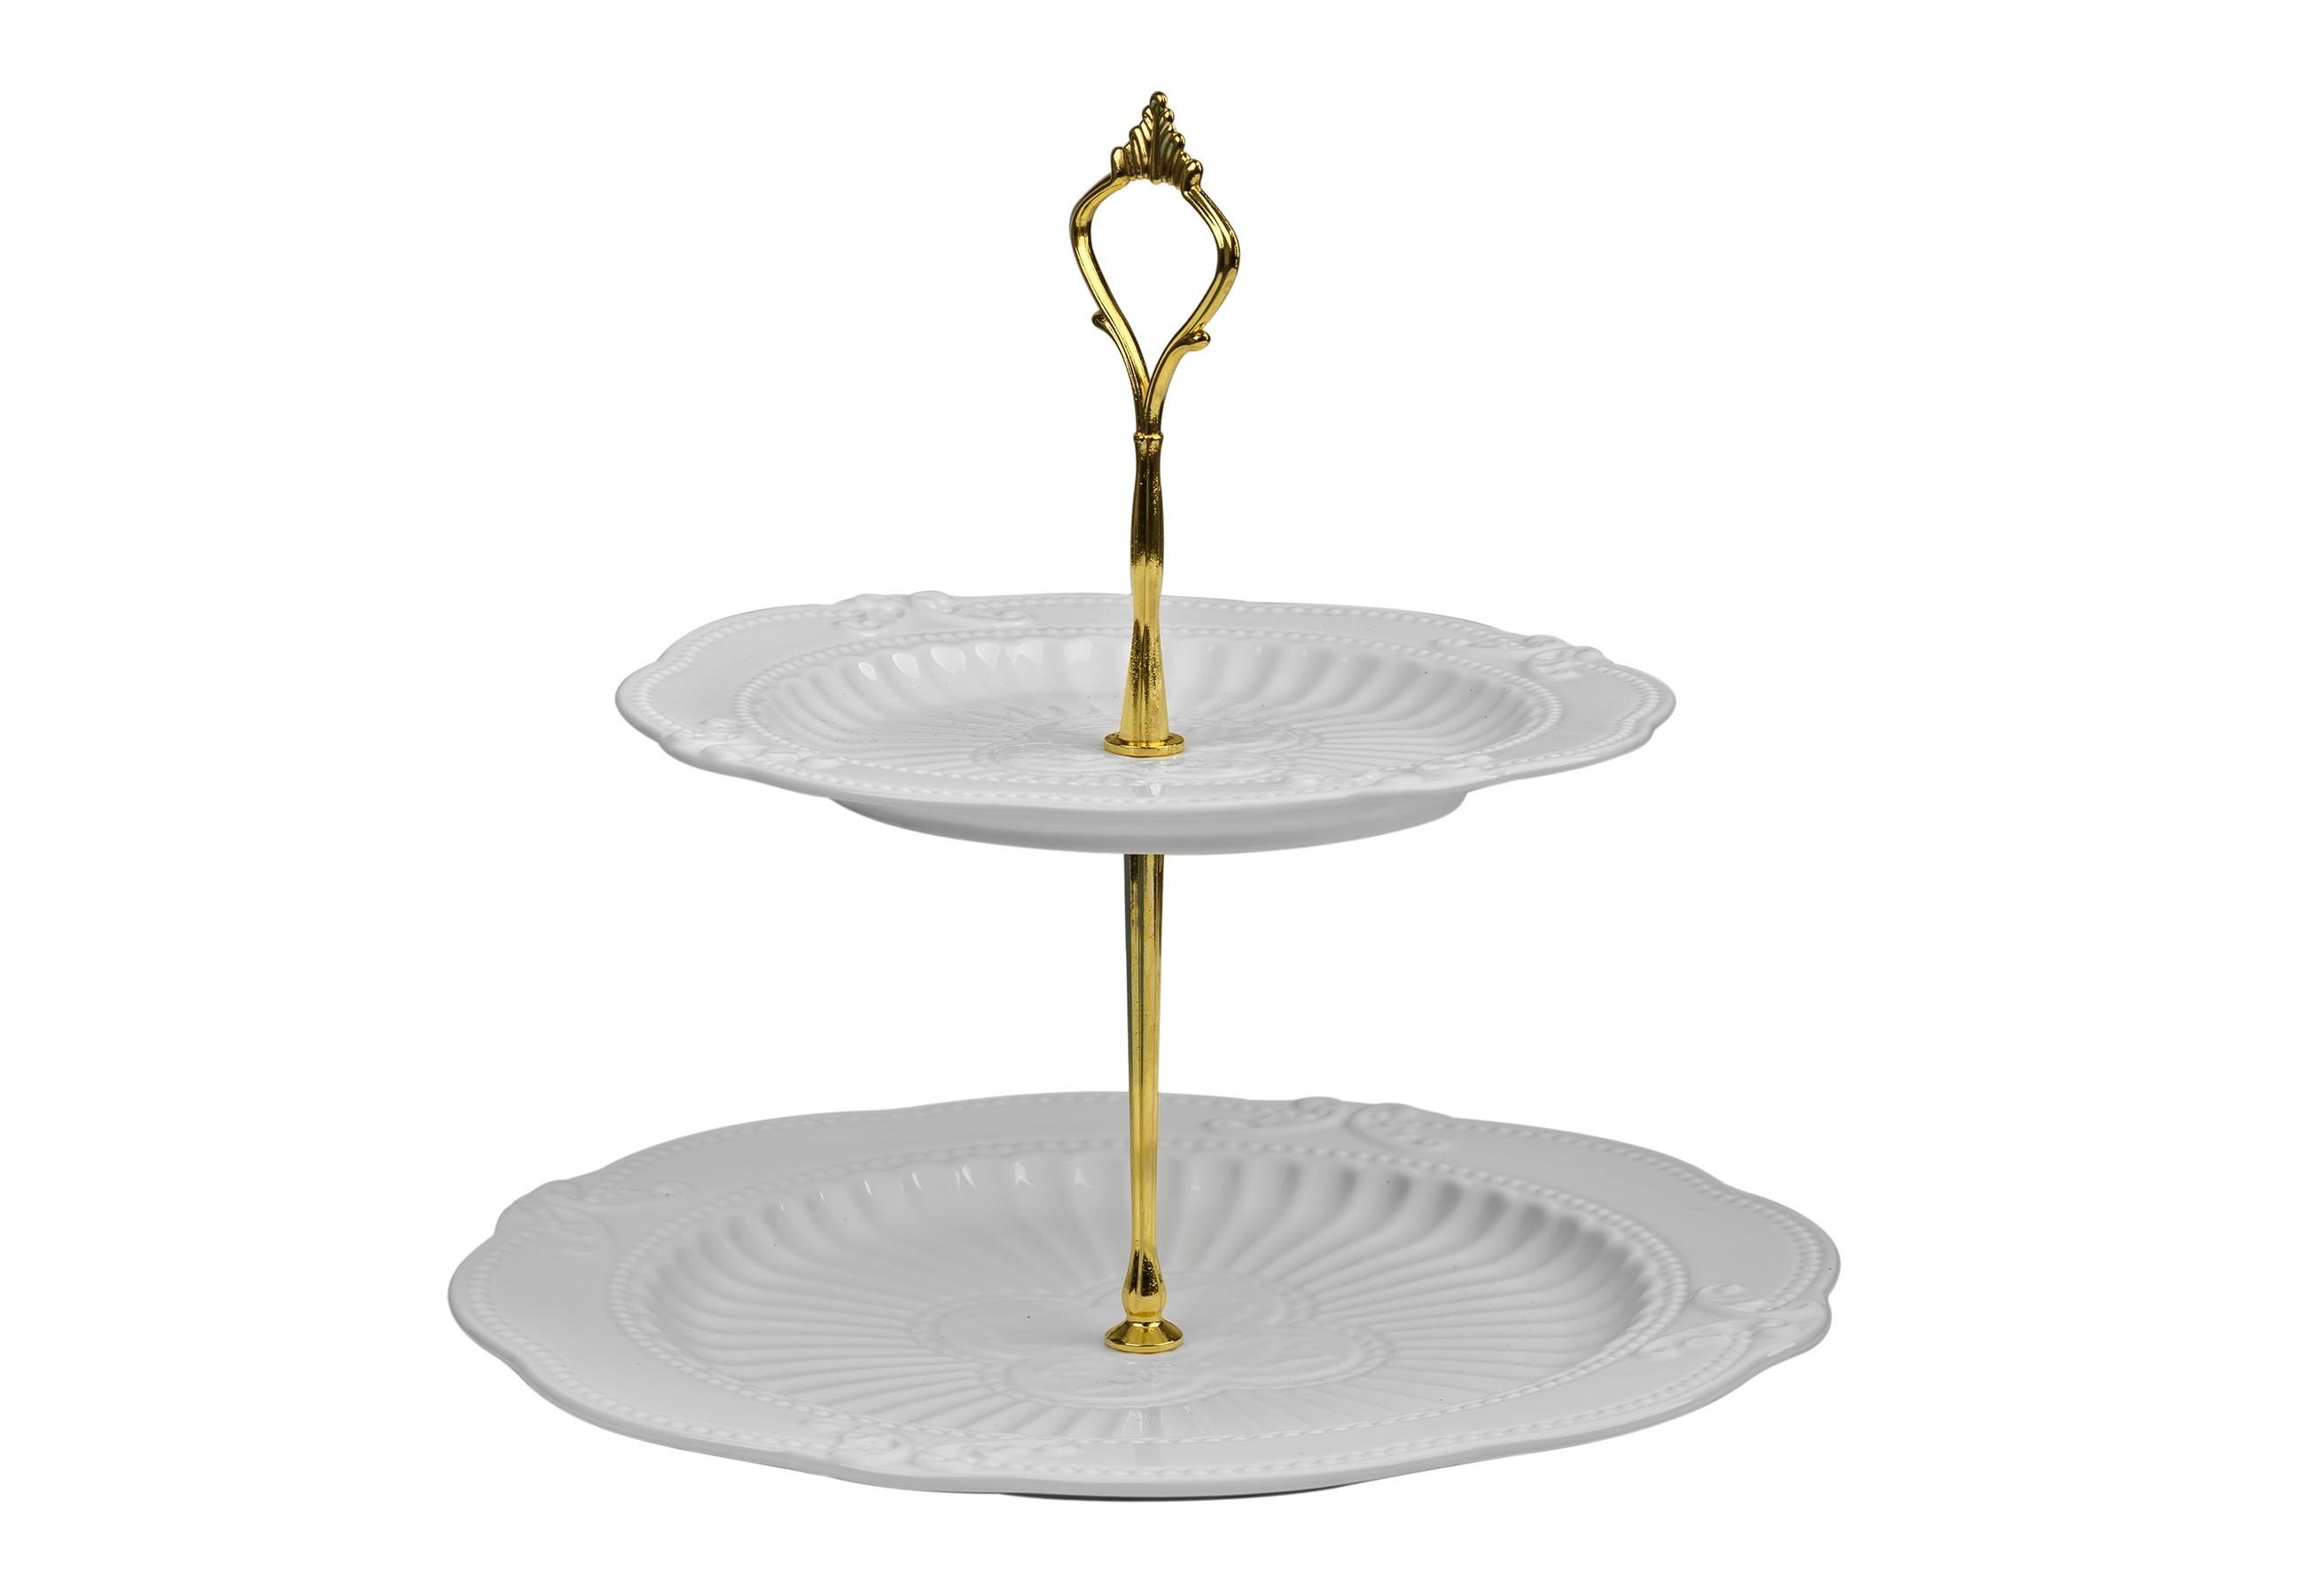 Подставка Белоснежная в золотеПодставки и доски<br><br><br>Material: Керамика<br>Высота см: 25